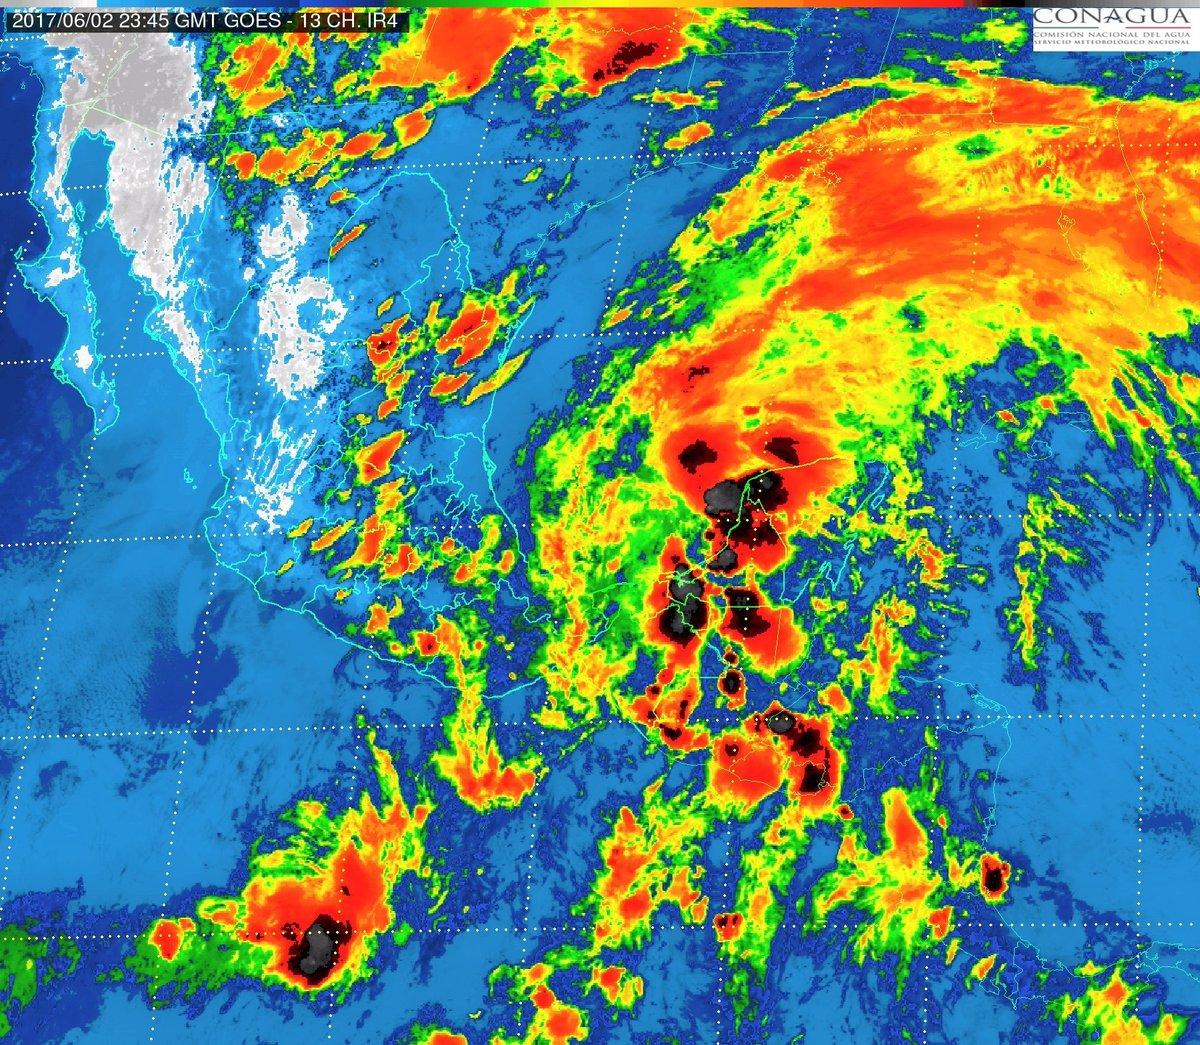 Continuarán lluvias intensas en Oaxaca: SMN   El Imparcial de Oaxaca